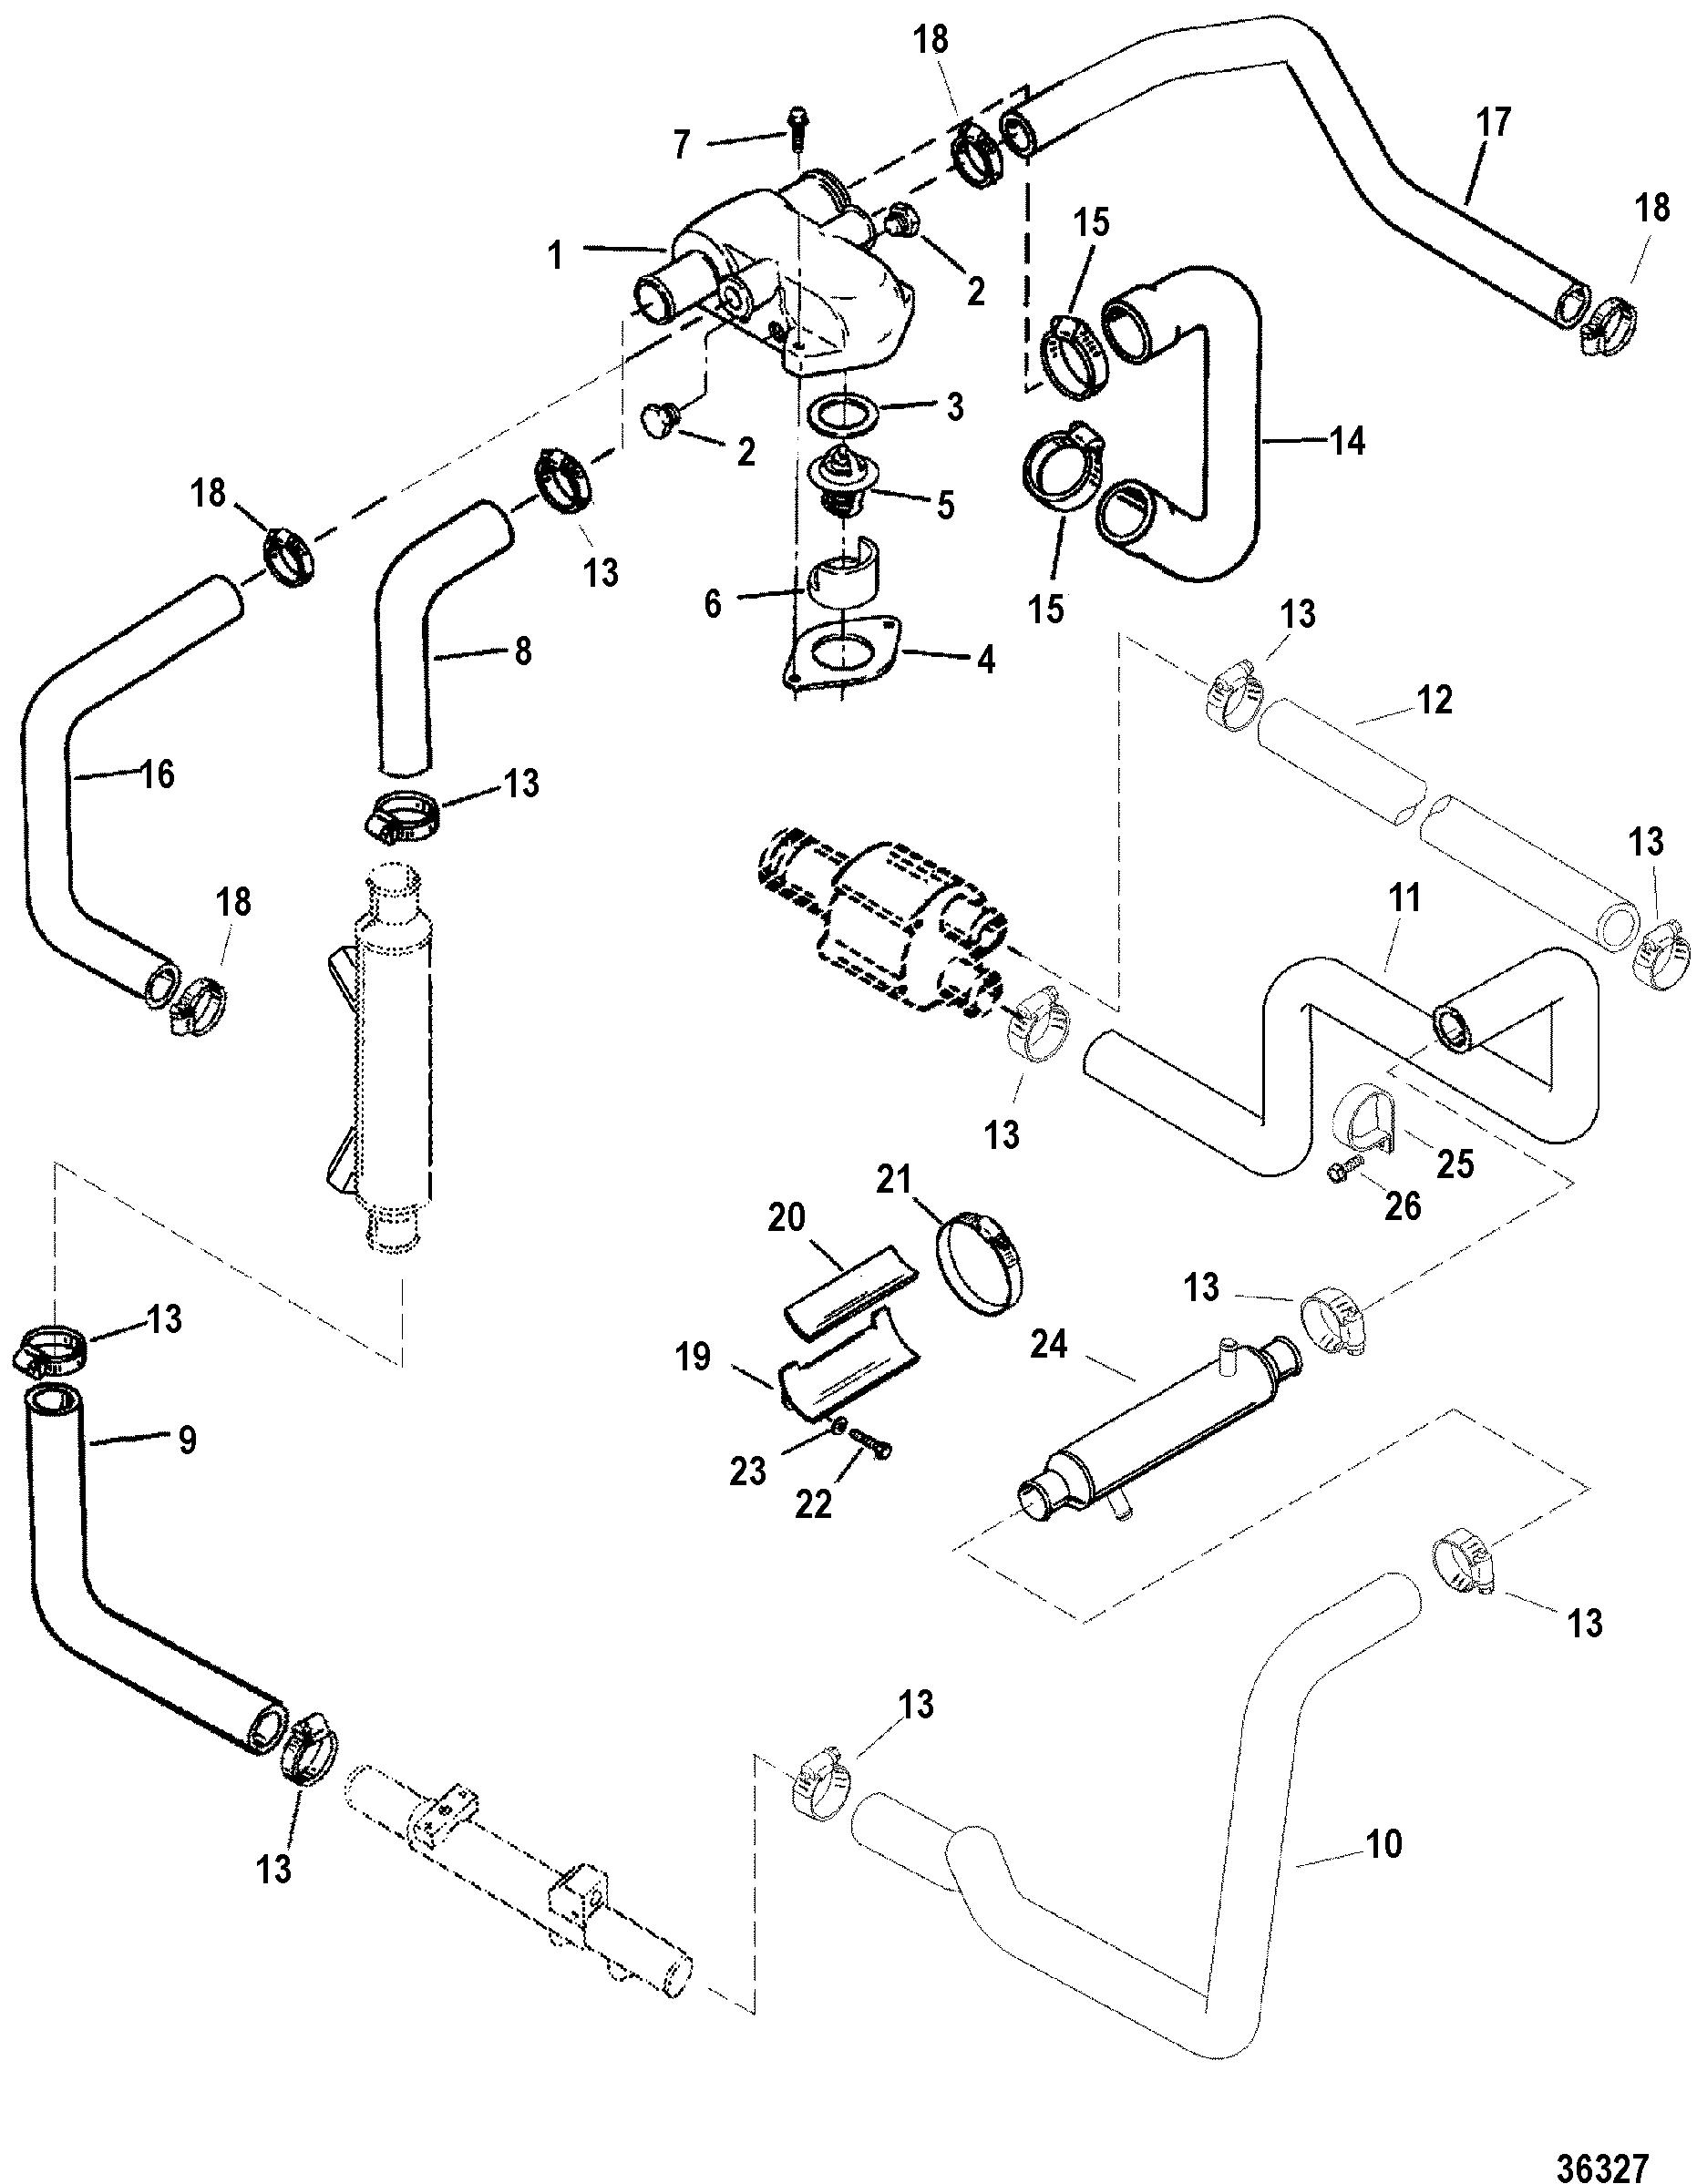 Mercruiser 454 Mag Mpi Bravo